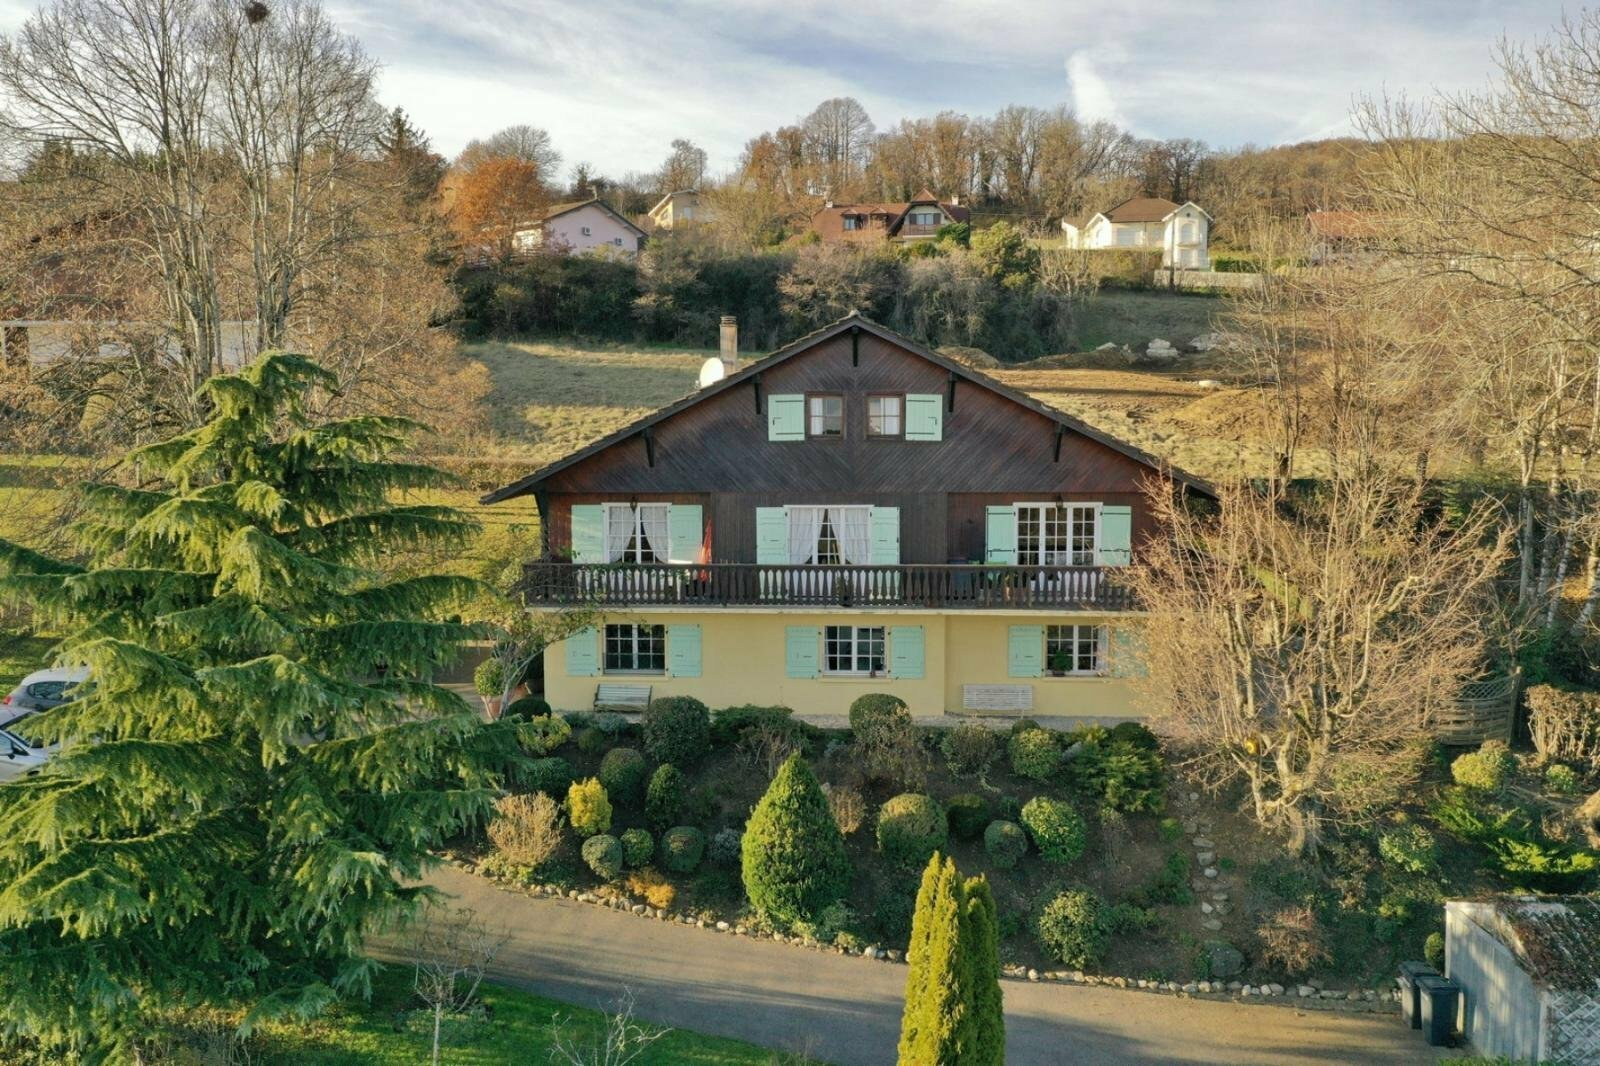 Maison à Grilly, Auvergne-Rhône-Alpes, France 1 - 11373953